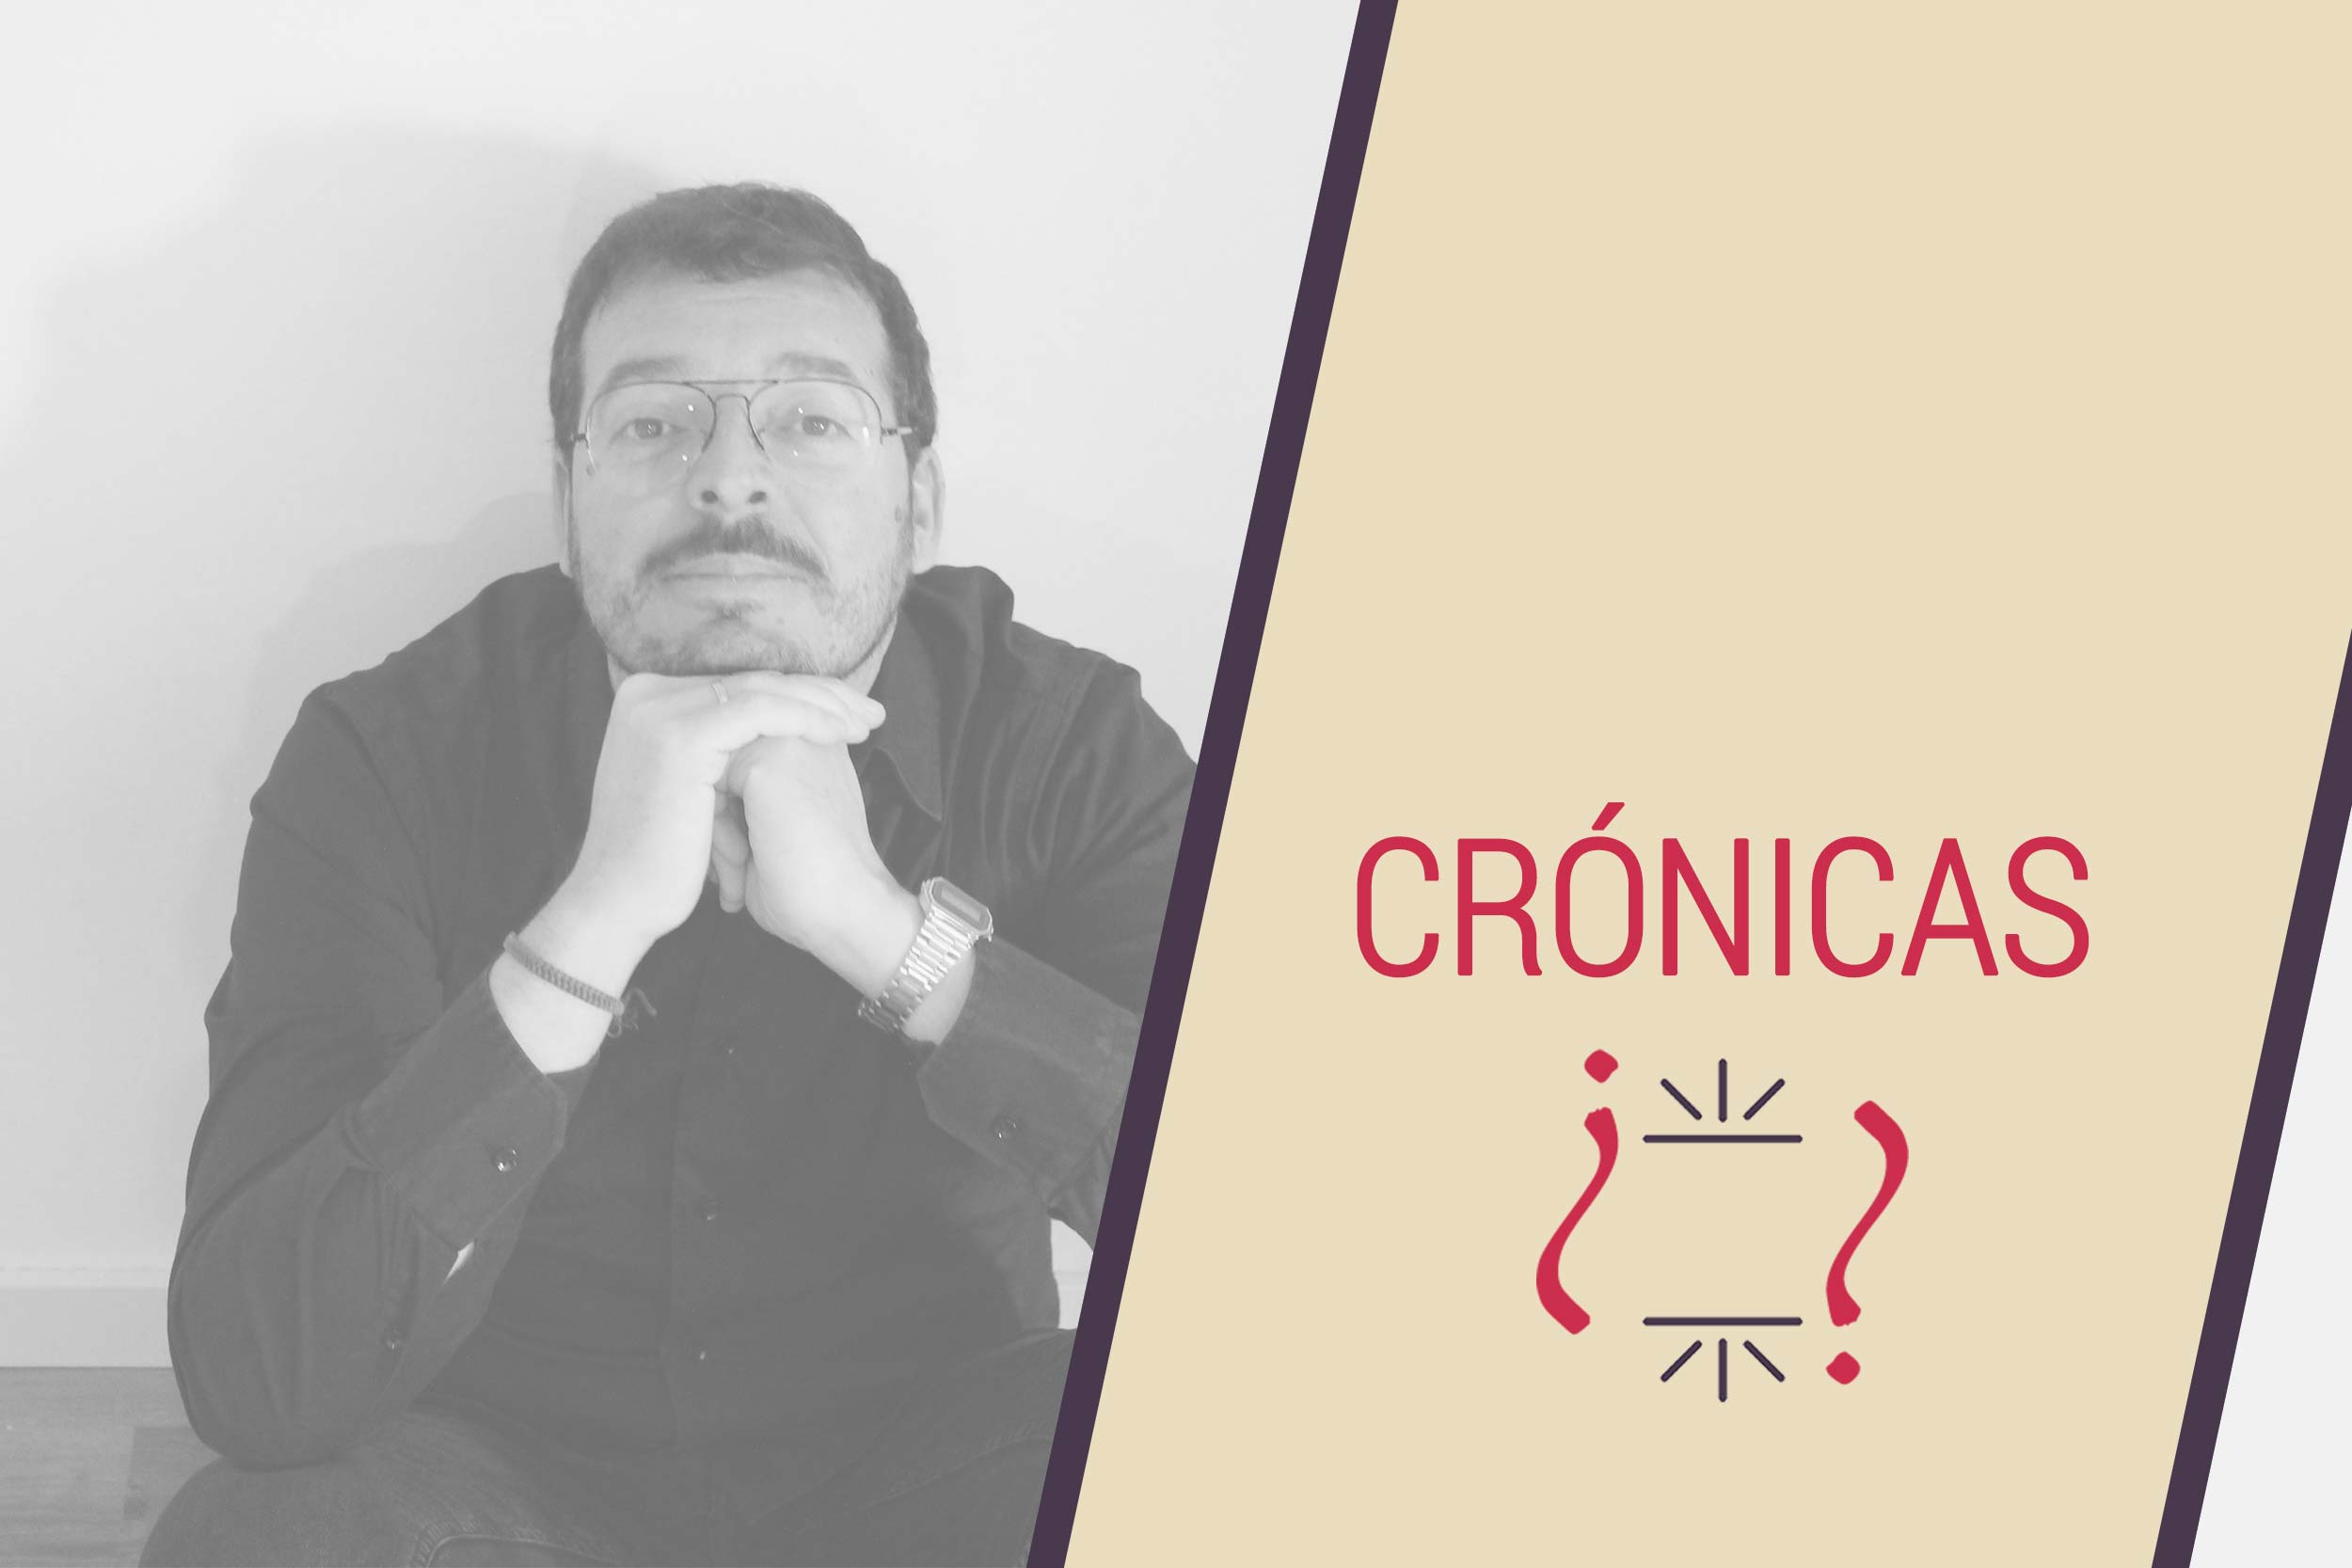 crónicas en formato podcast